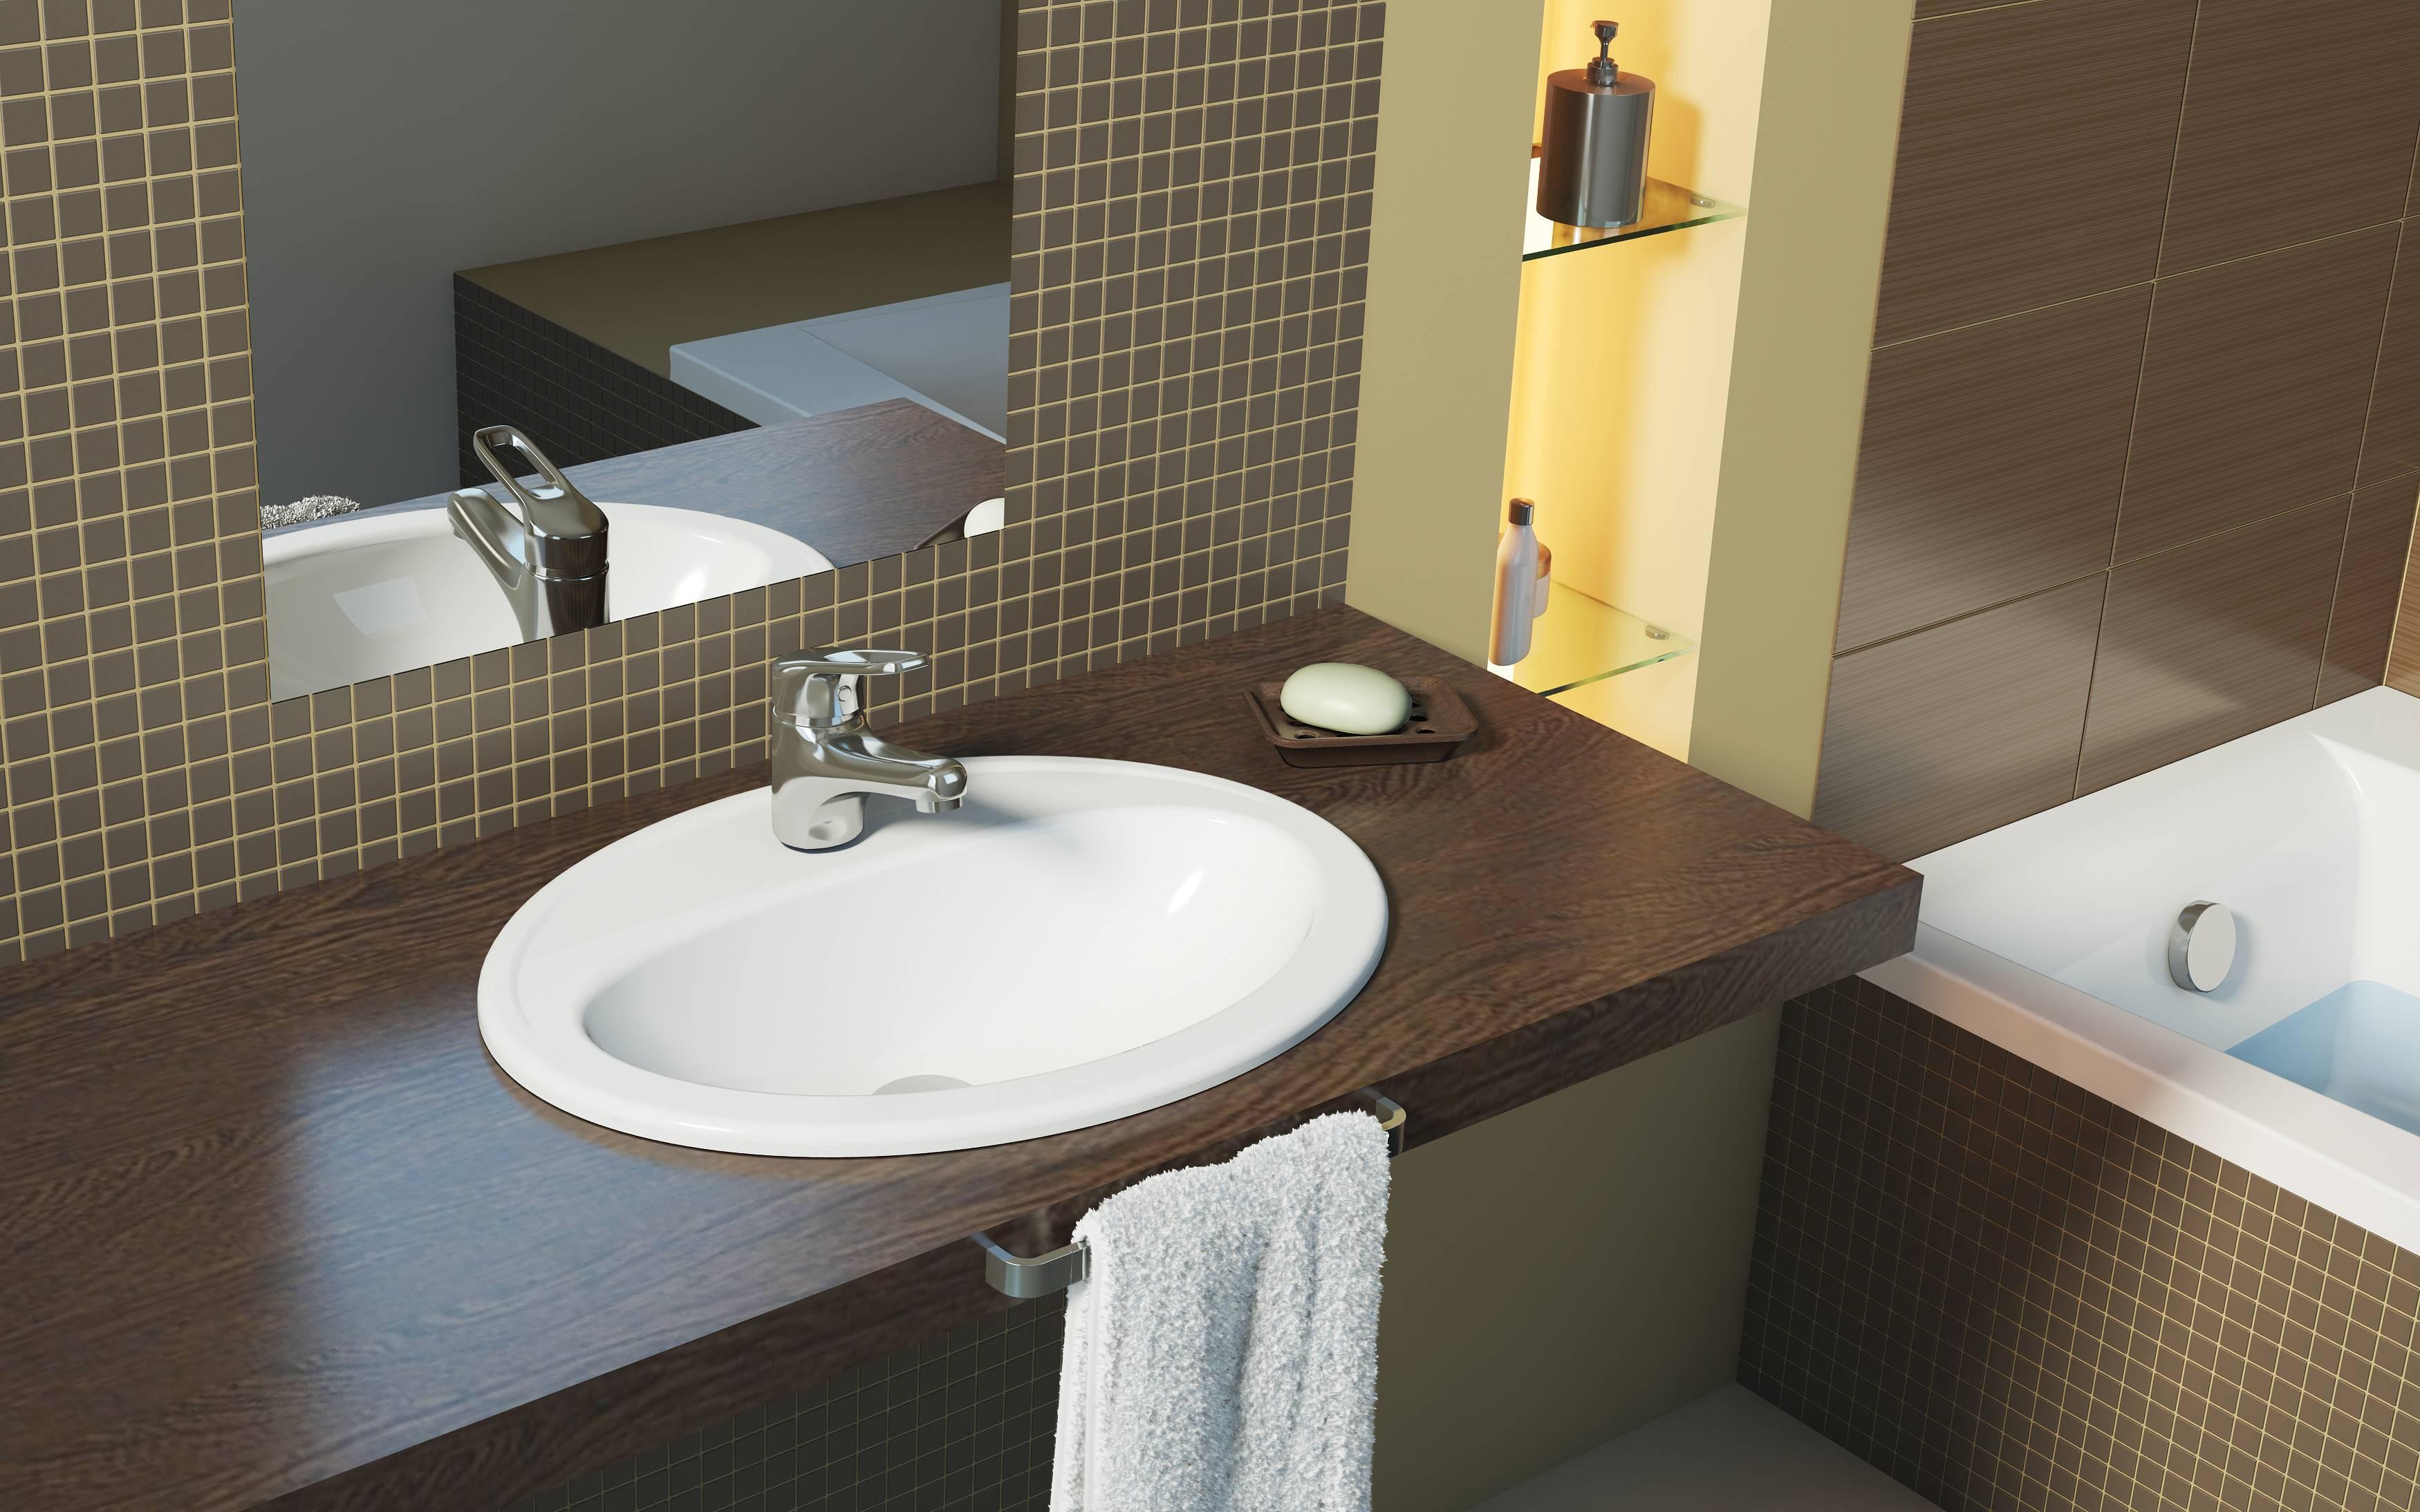 Столешница для ванной комнаты под раковину: виды, выбор